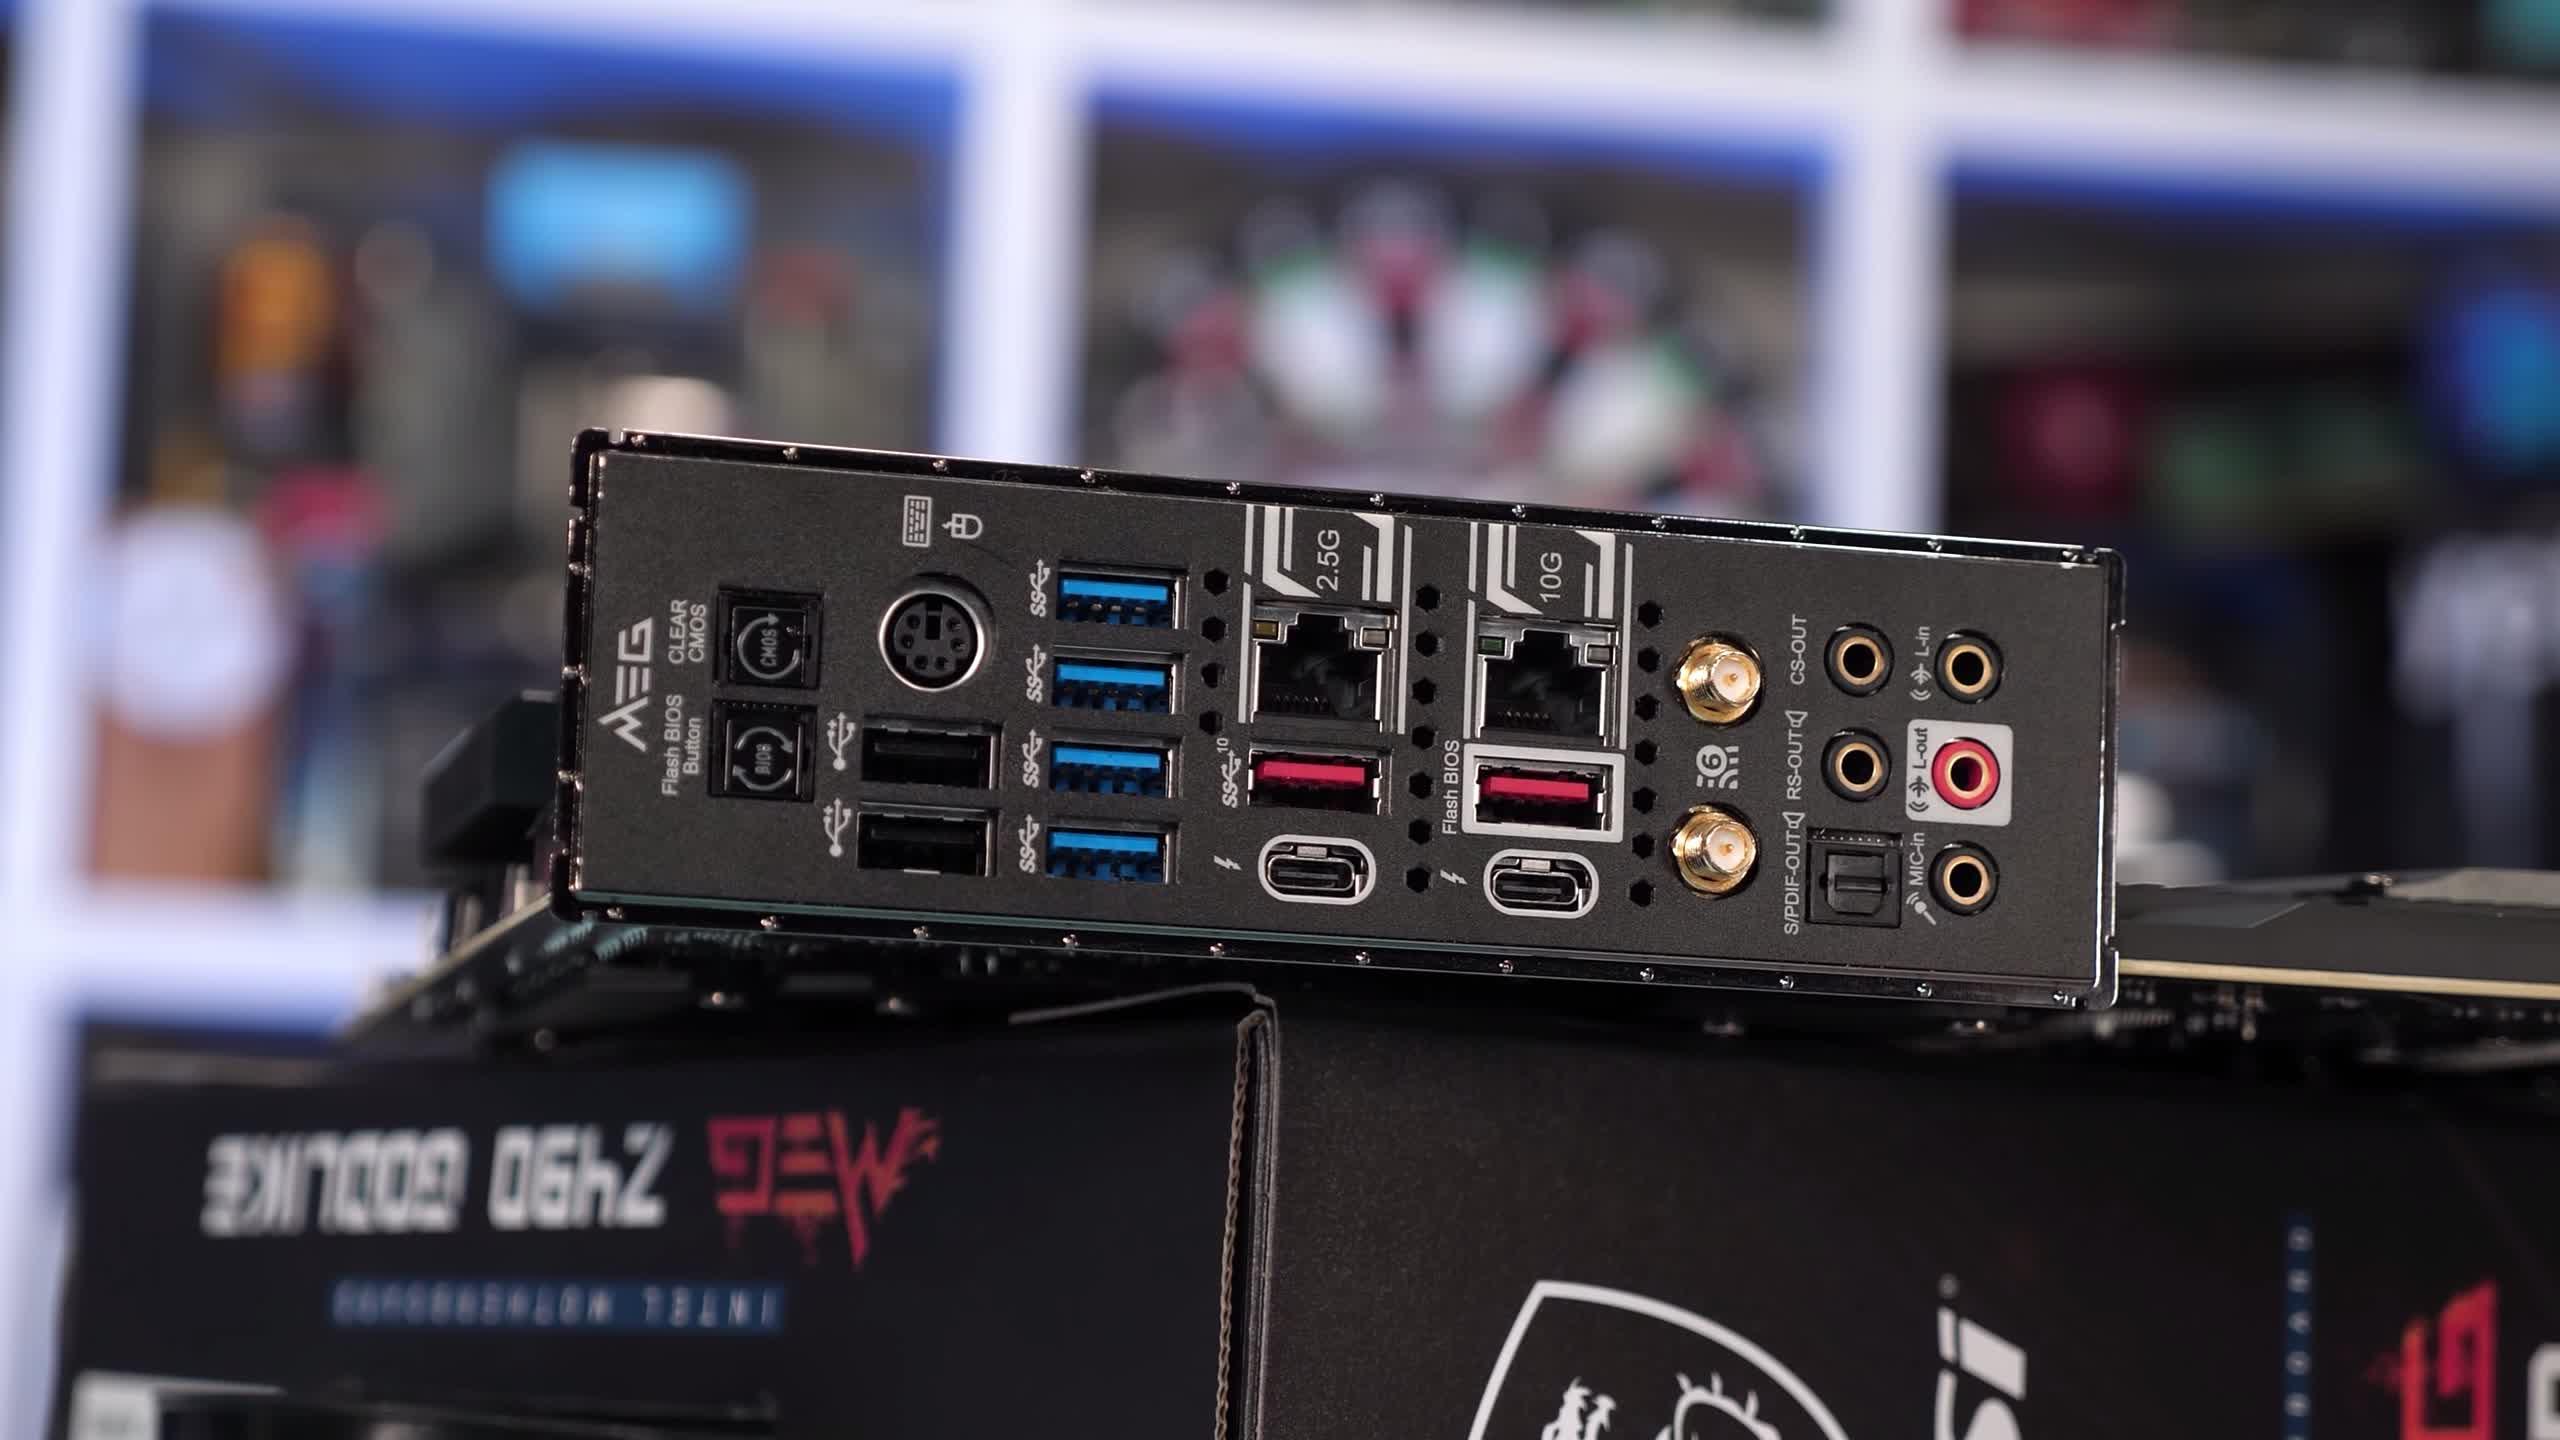 1622461525 397 AMD Ryzen 7 5800X contre Intel Core i7 10700K contre Core